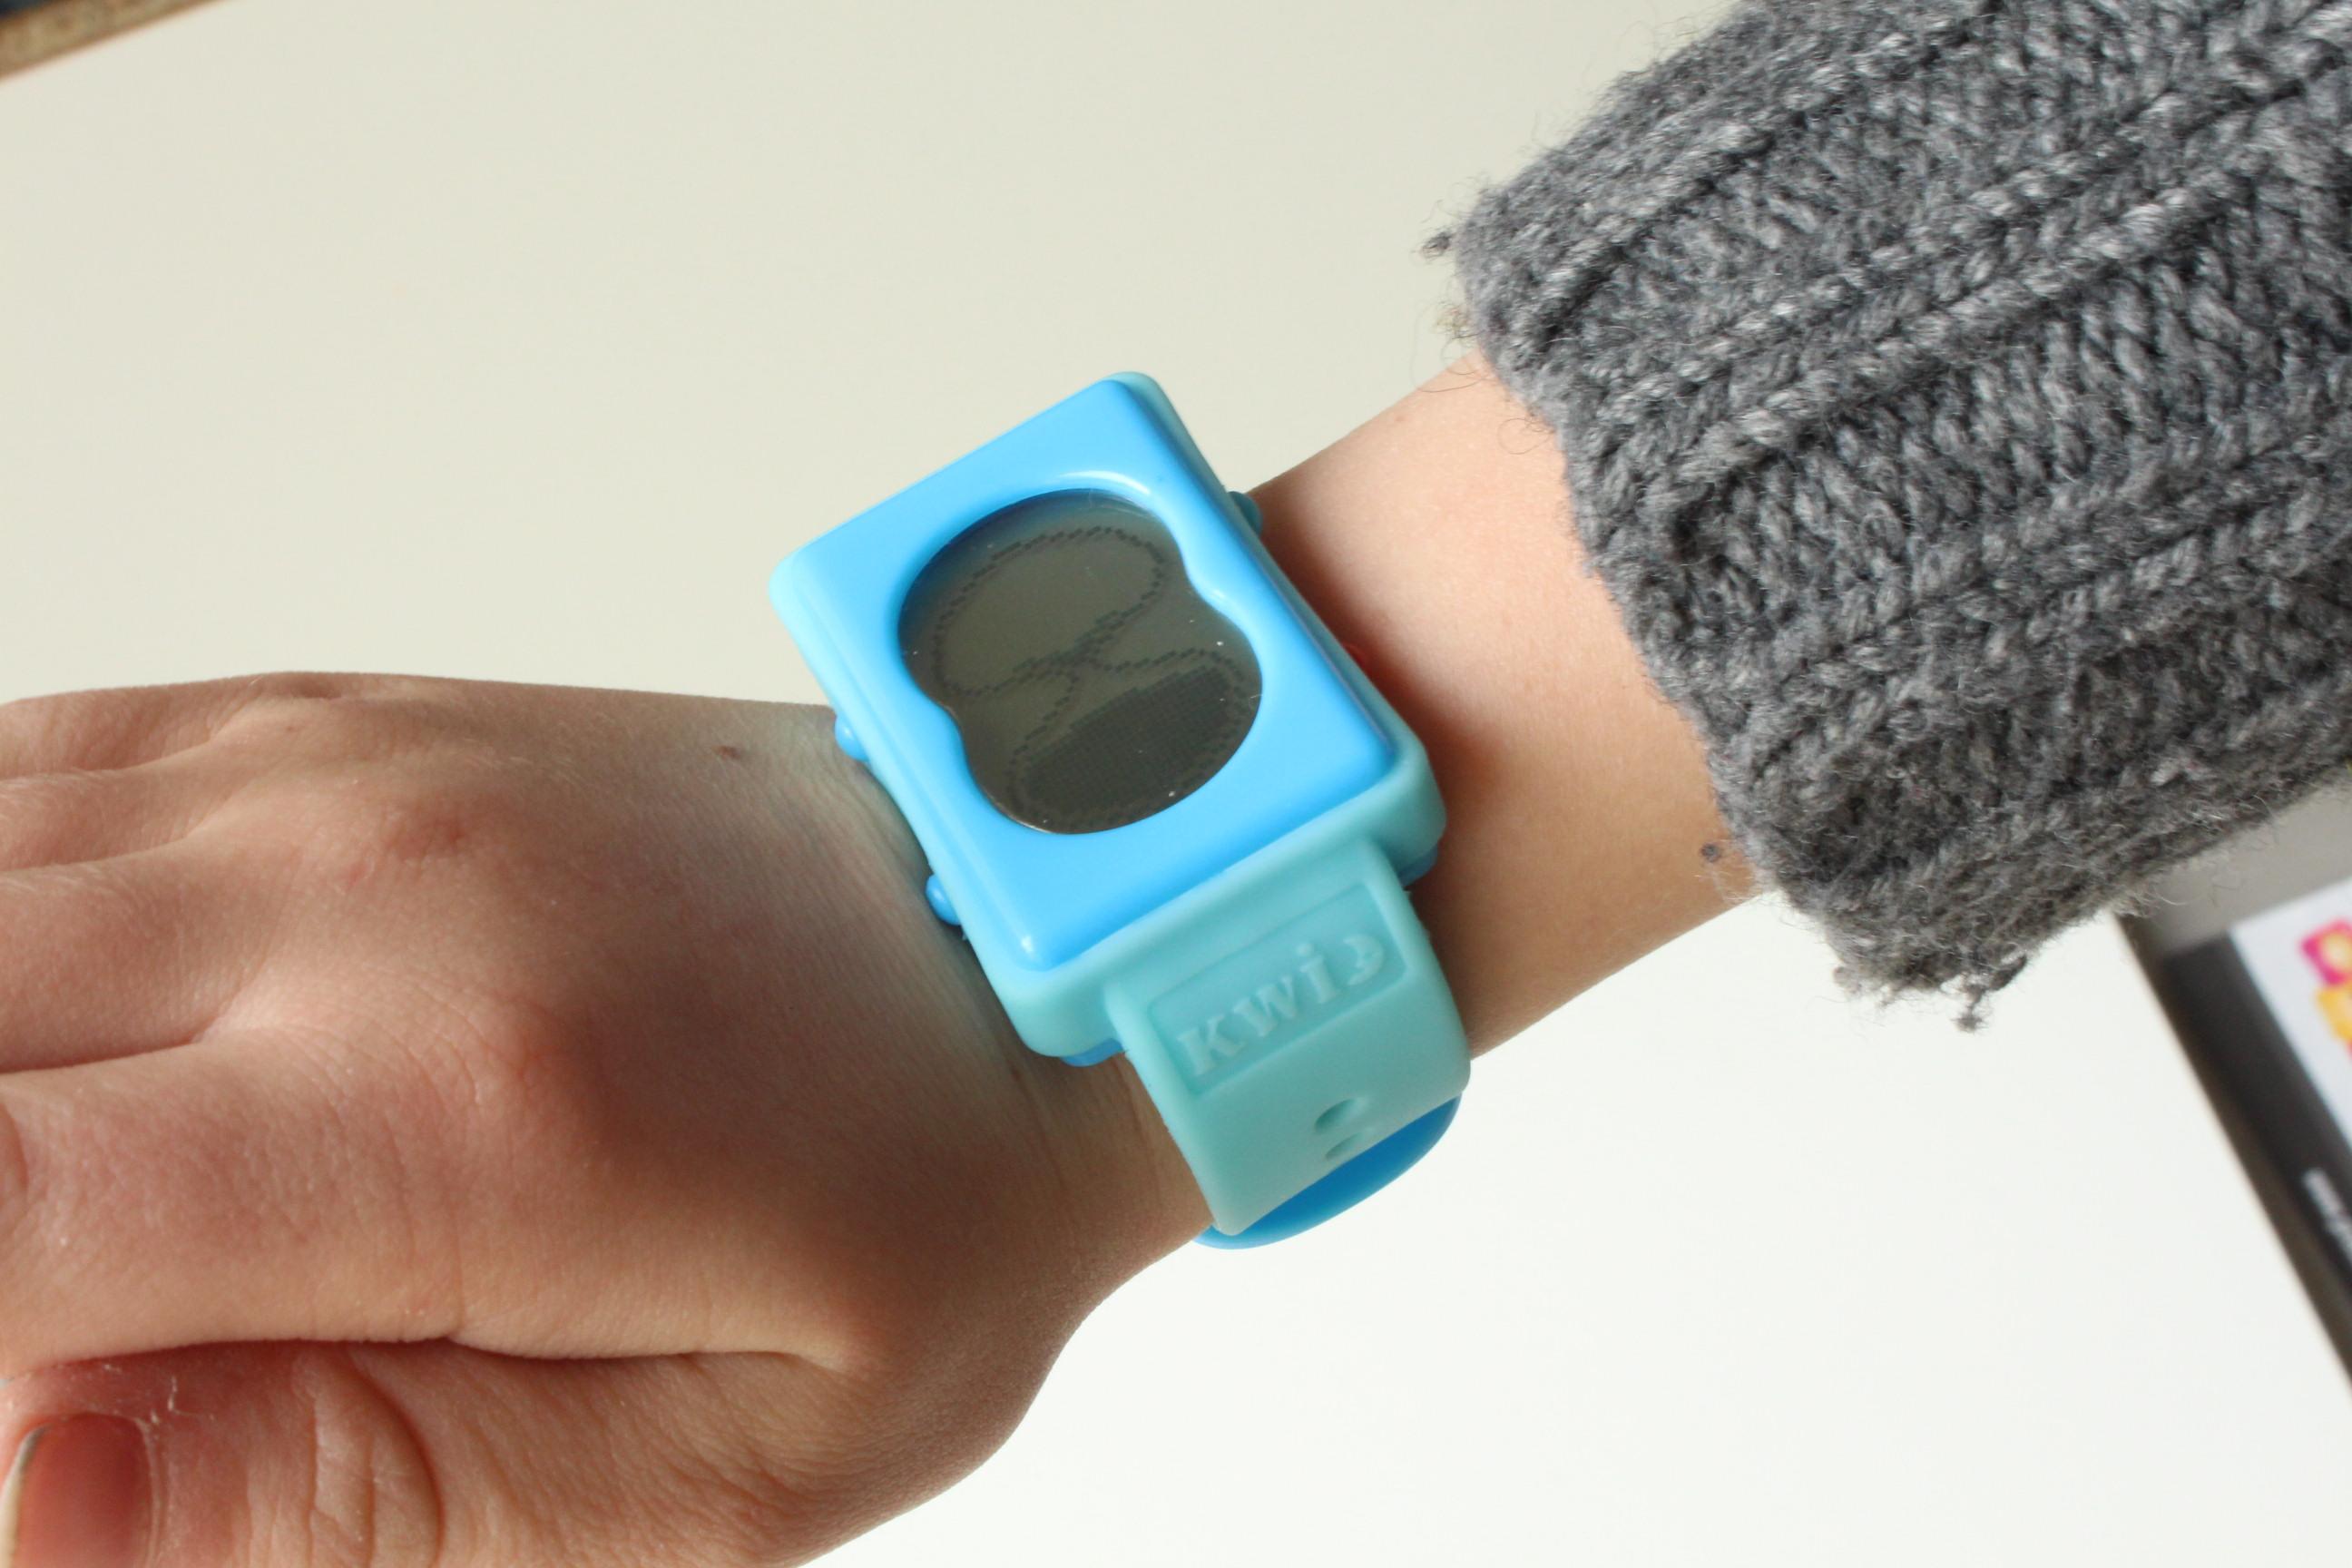 Premiers arrives site boutique ligne jouets jeux ludique for Combien de temps pour avoir le permis